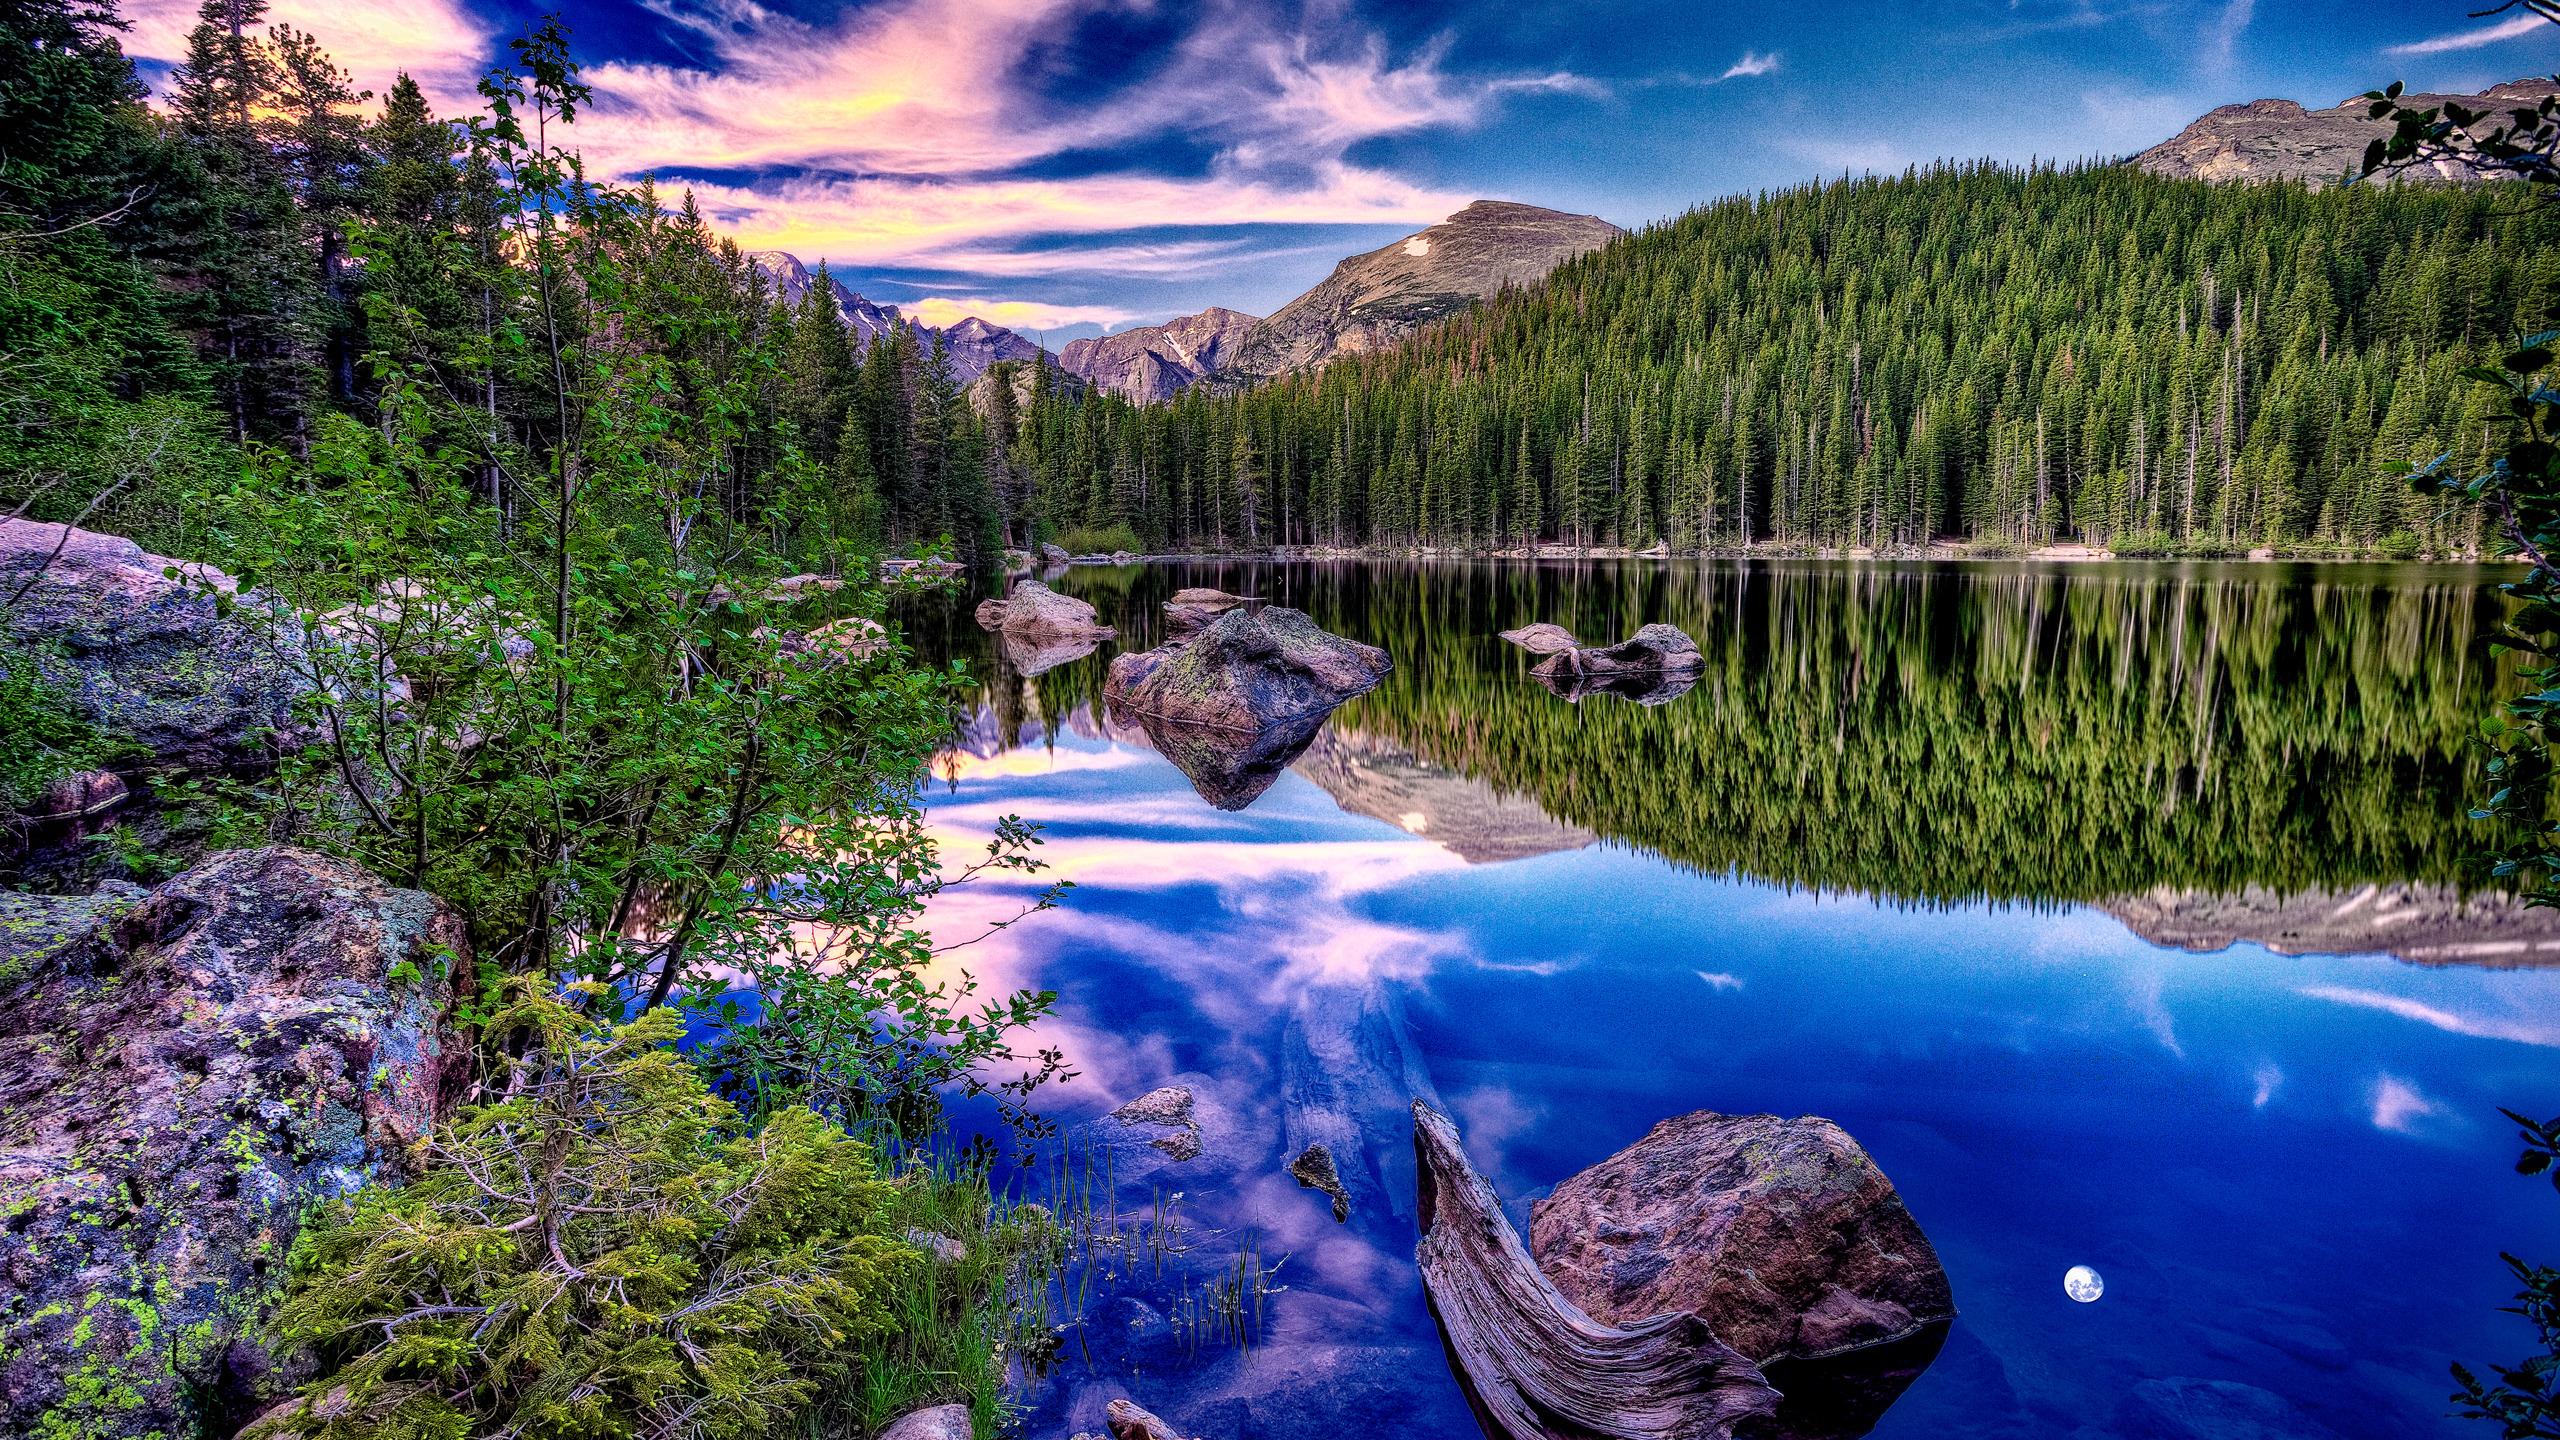 природа облака озеро горы скалы деревья отражение nature clouds the lake mountains rock trees reflection  № 2504192 бесплатно